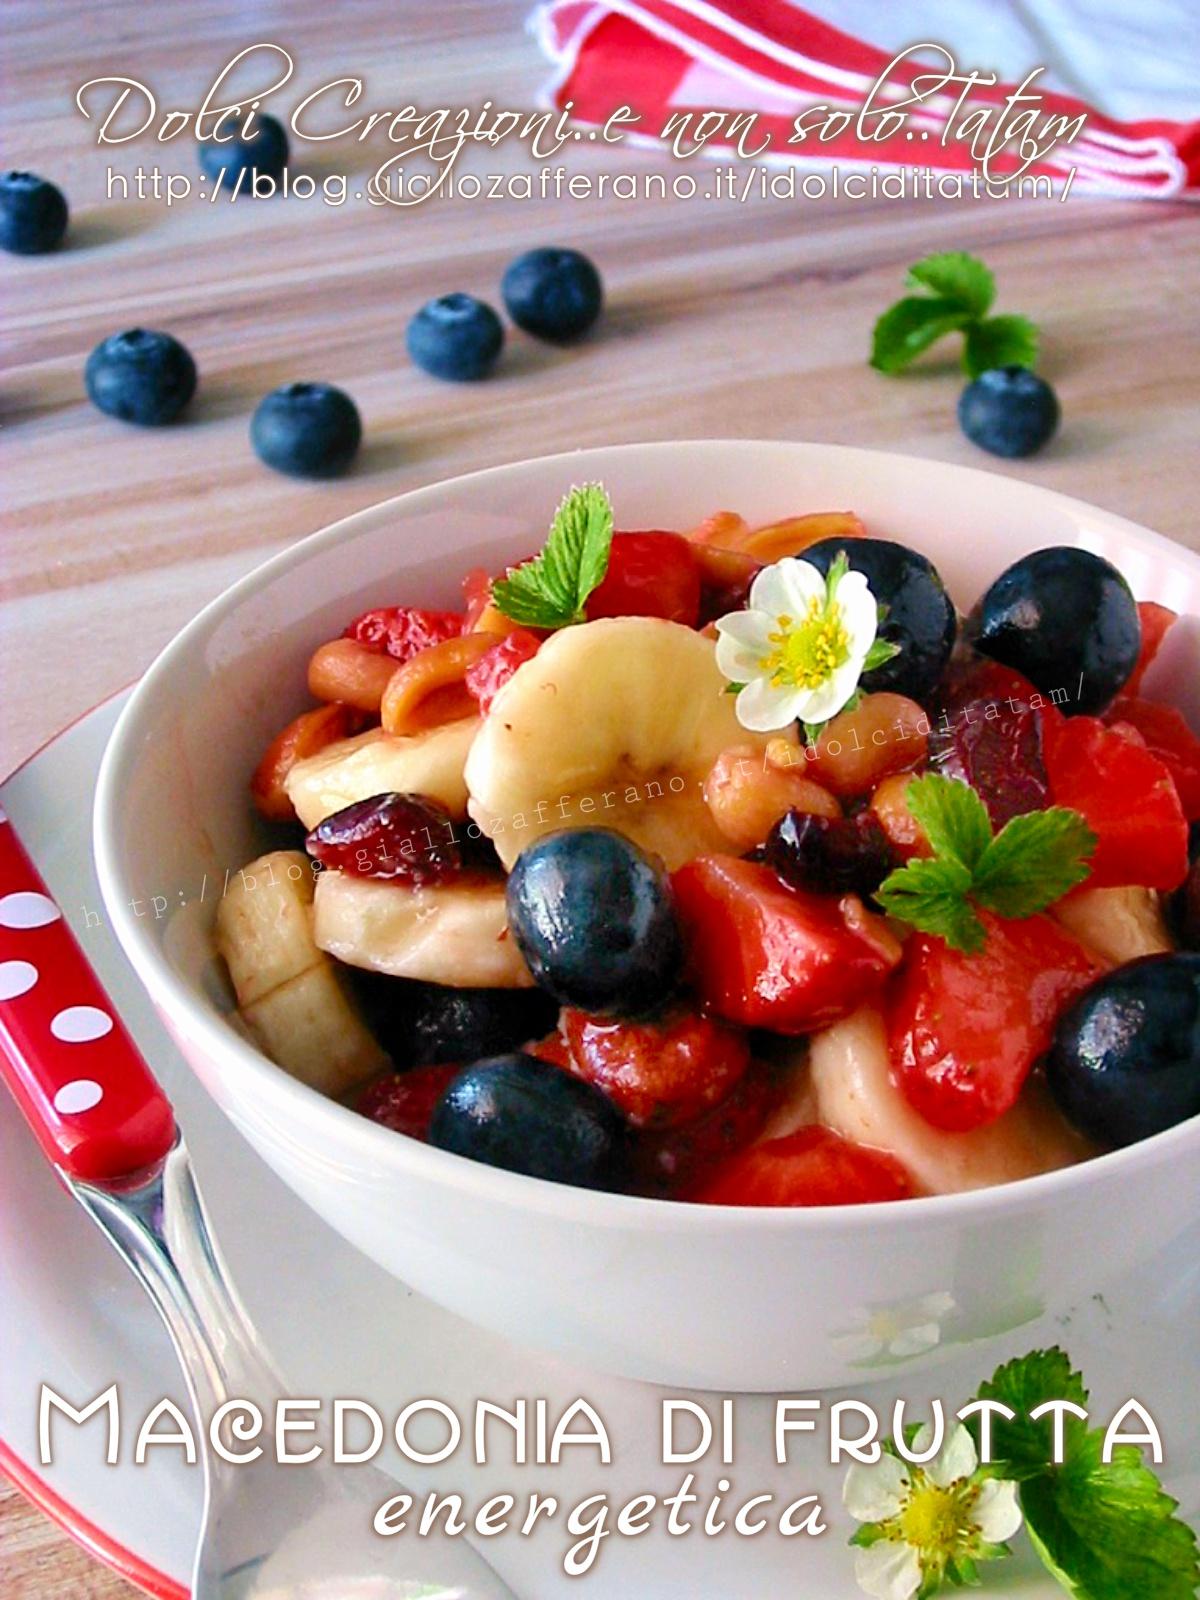 Macedonia di frutta energetica1200